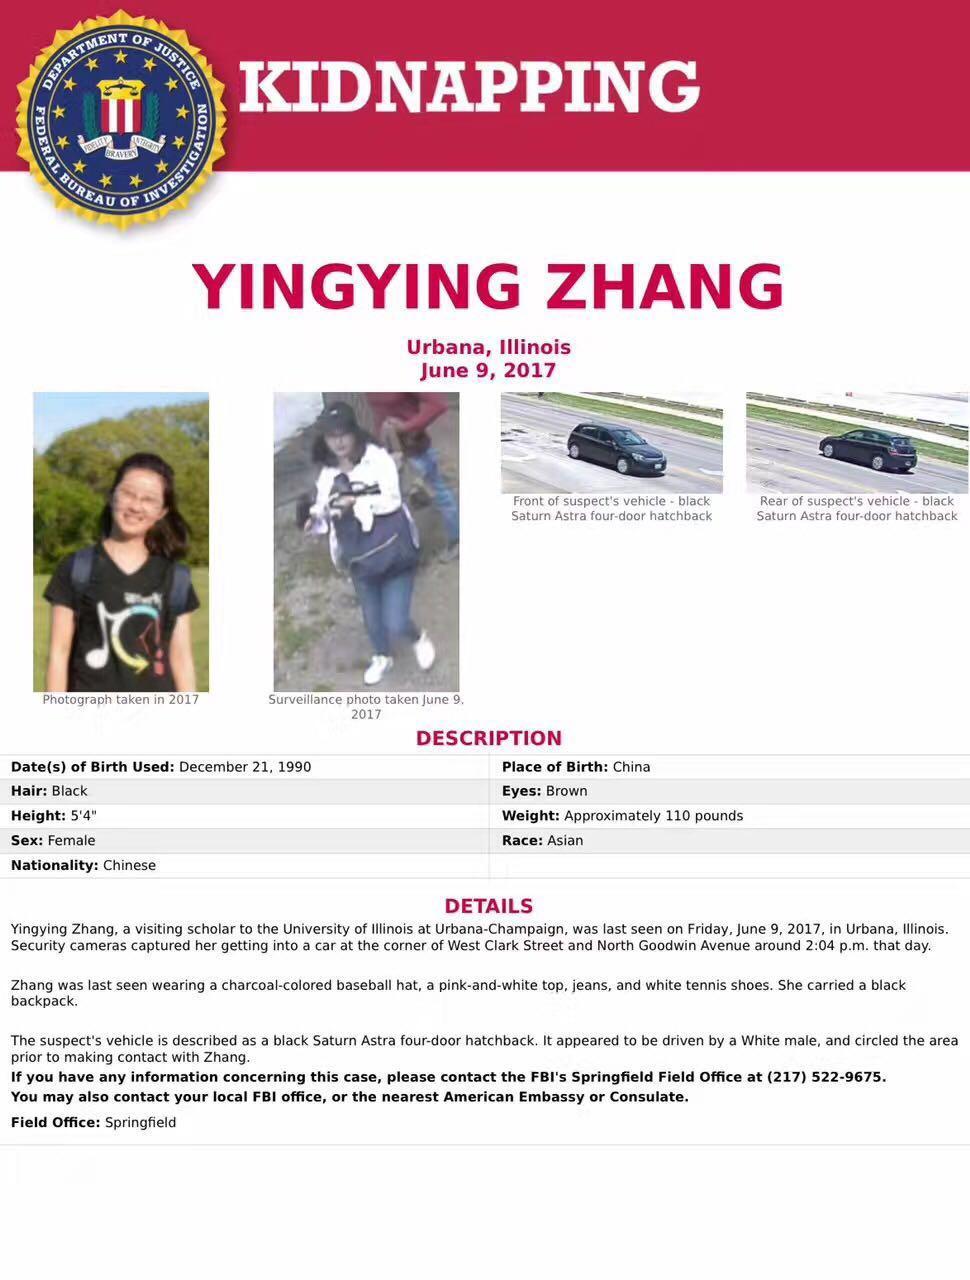 美国联邦调查局电影_美国联邦调查局已将中国留学生失踪案定性为绑架 - 国际视野 ...